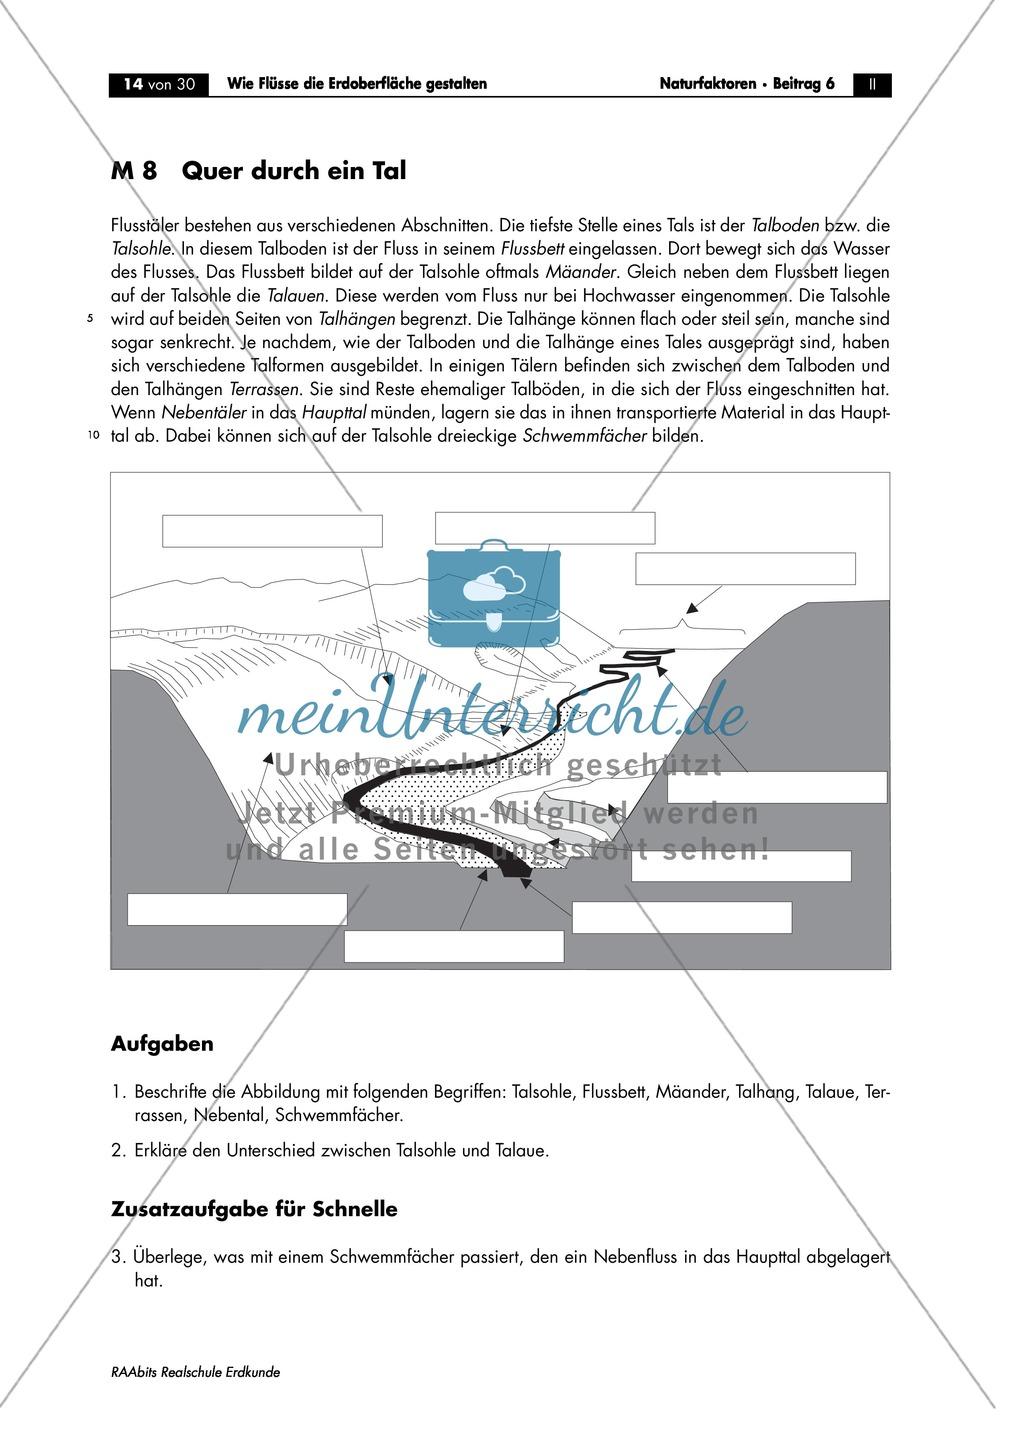 Flussdynamik- und Morphologie am Beispiel des Rheins: Prall- und Gleithang + Mäander + Altarme + Talformen + Flussmündungen Preview 6